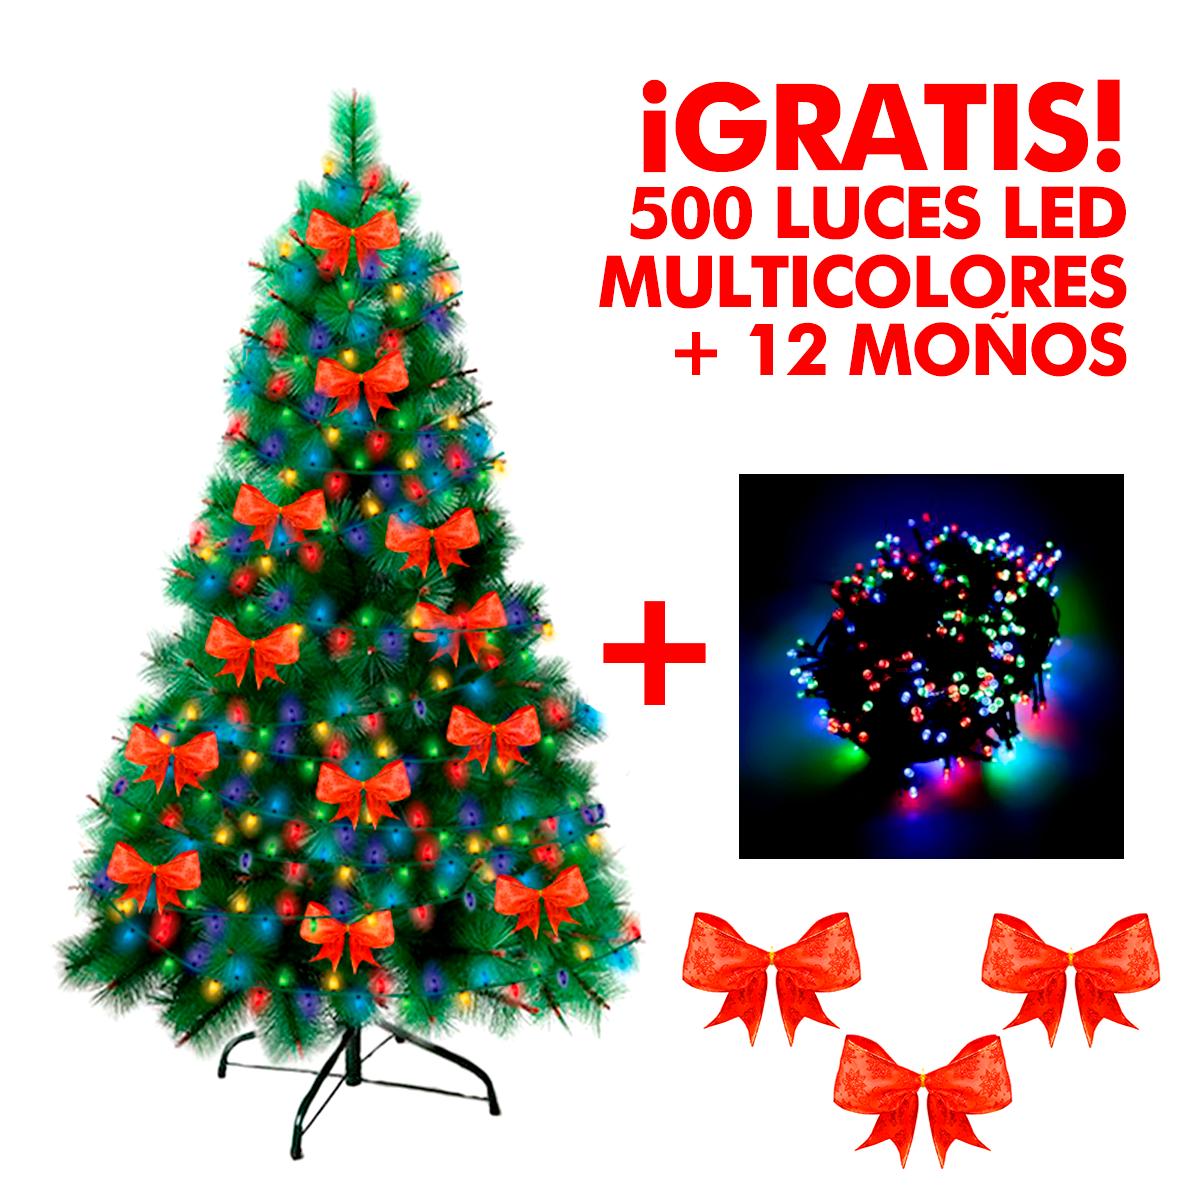 Arbol de navidad pino 500 luces led de navidad lazos digitalcrazy - Luces arbol de navidad ...